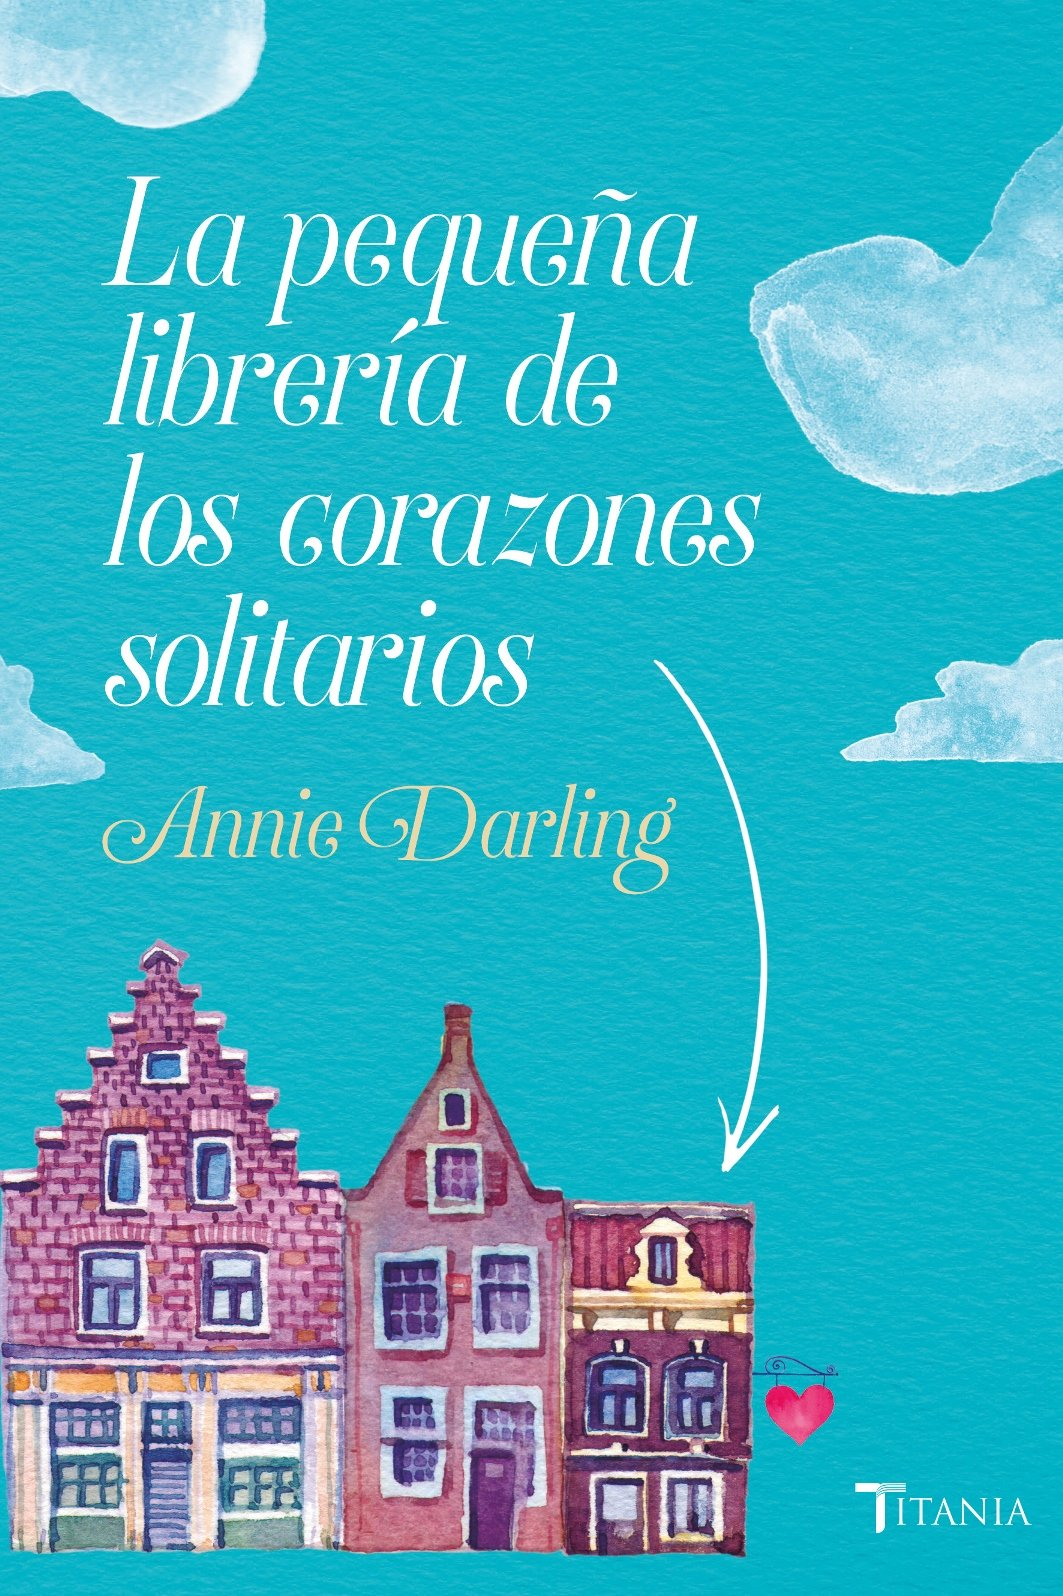 Portada libro - La pequeña librería de los corazones solitarios